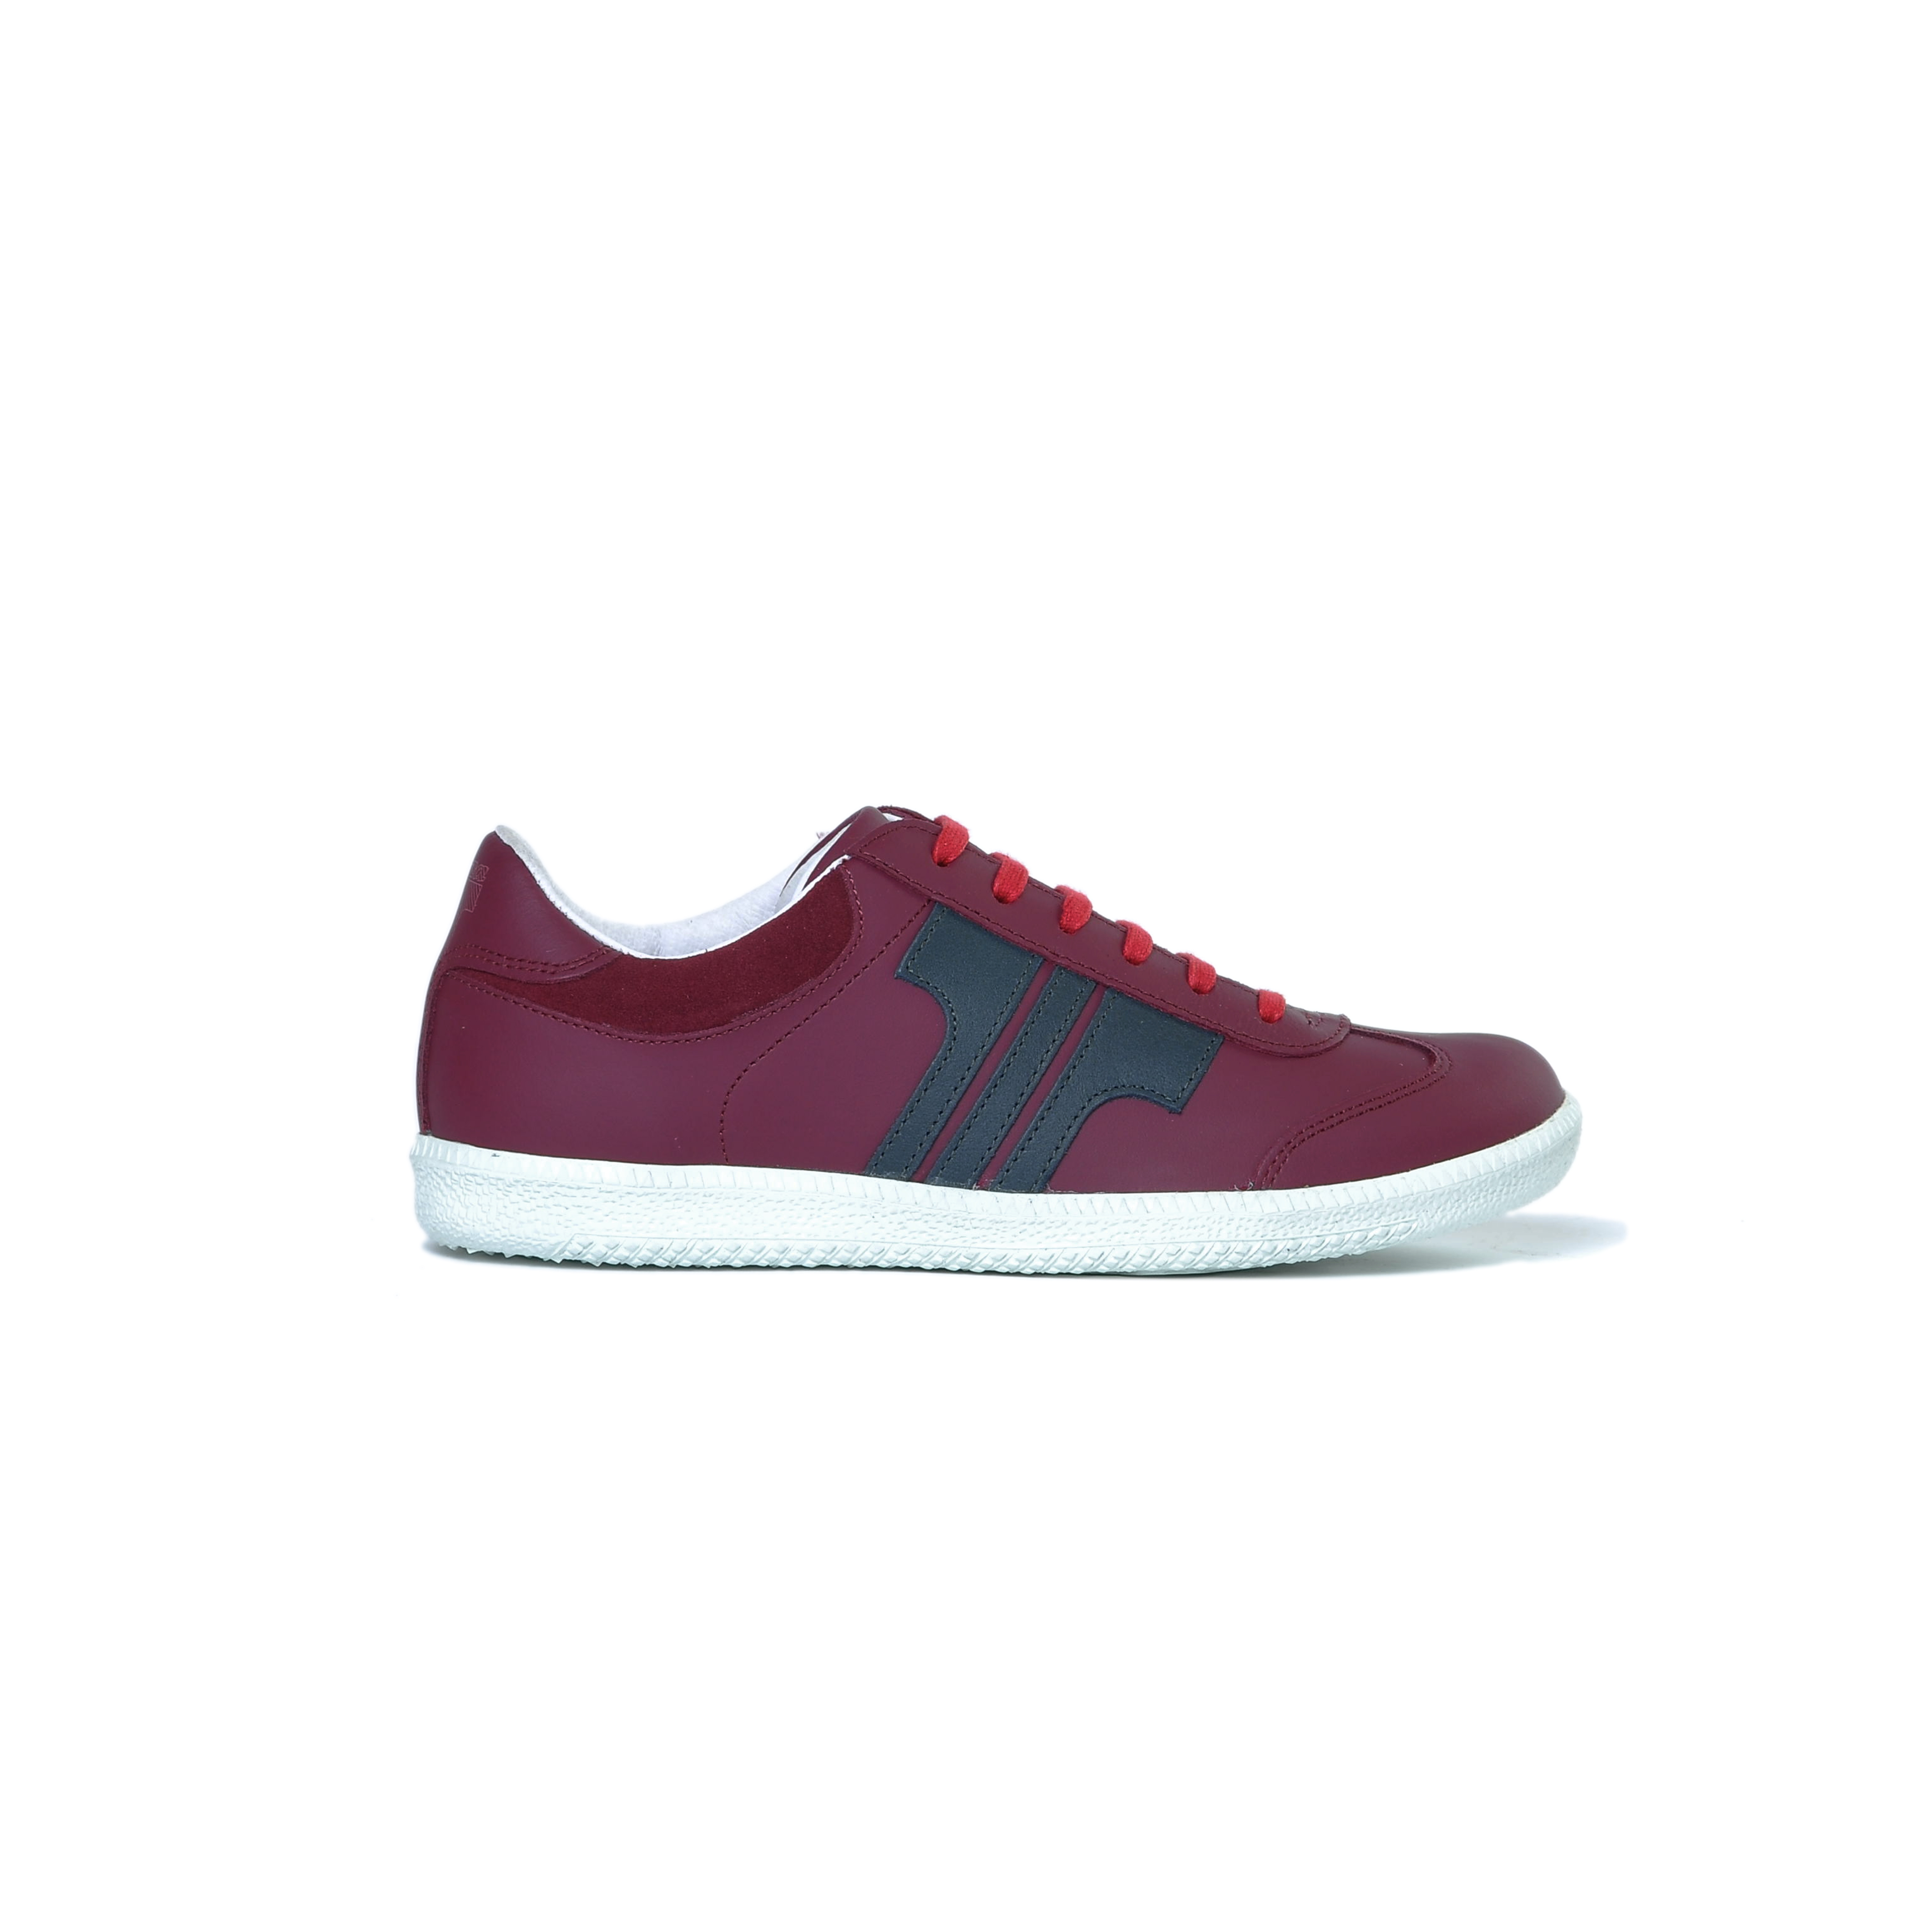 Tisza cipő - Compakt - Bordó-árnyék